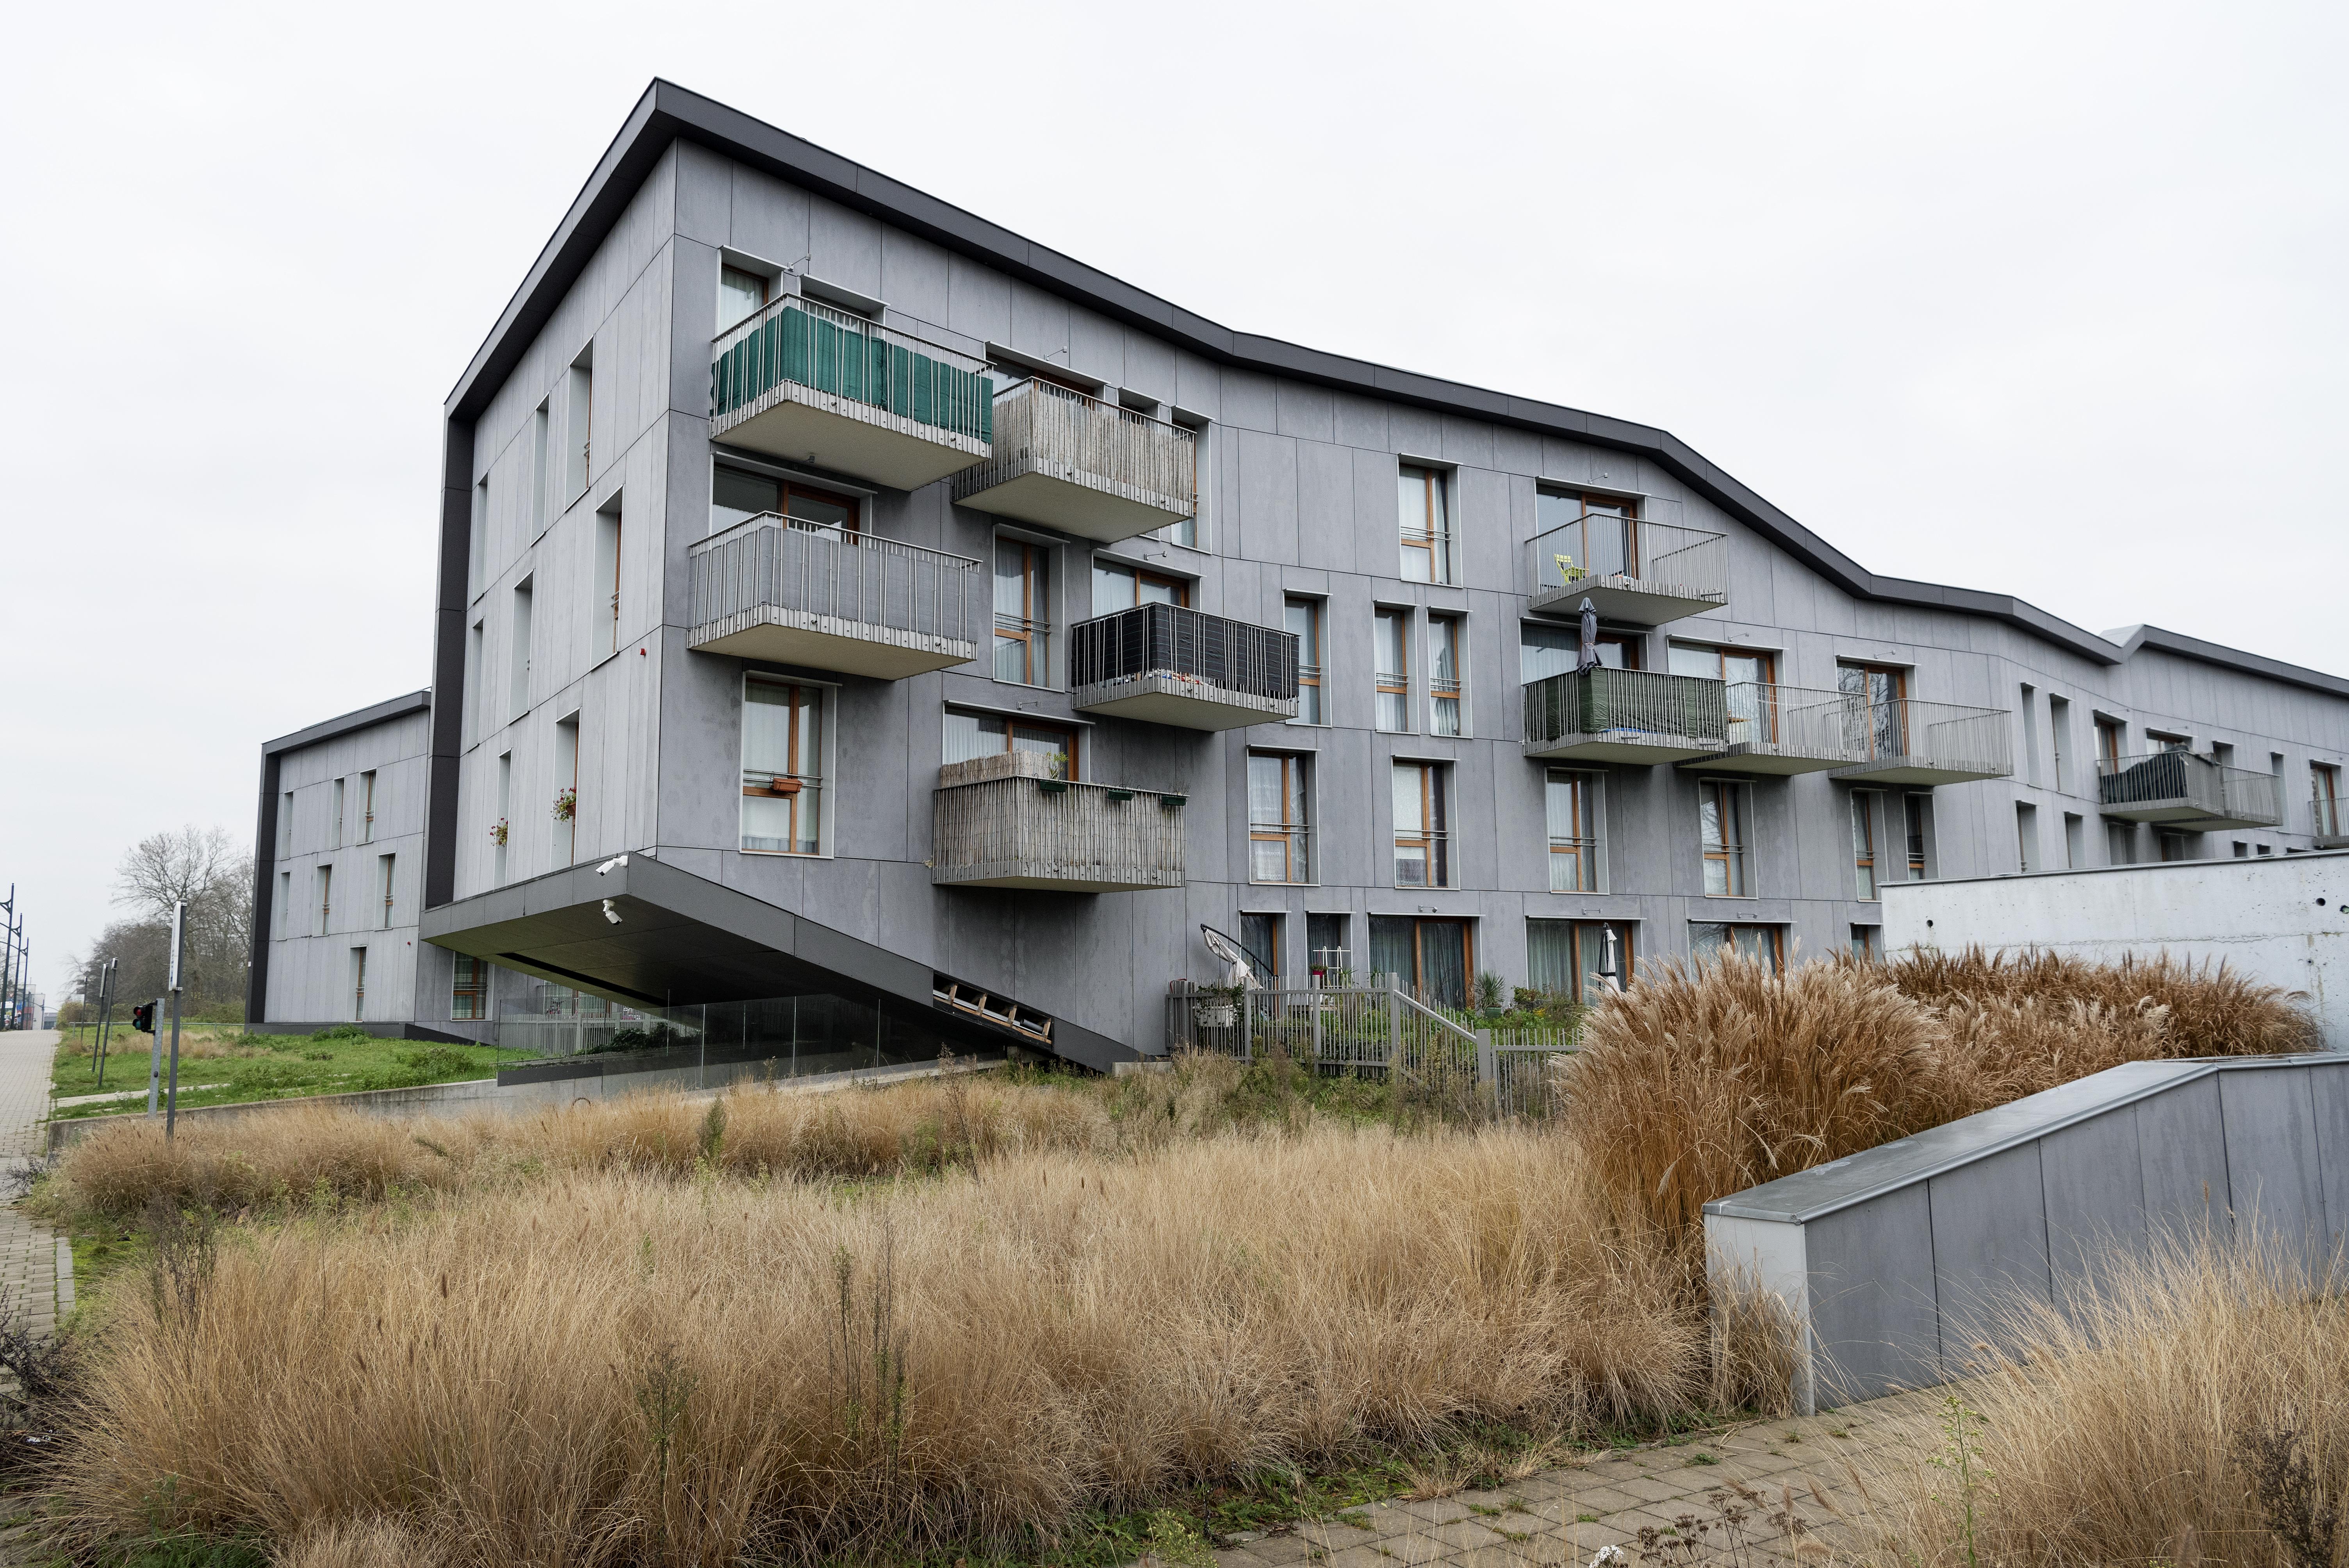 Neder-Over-Heembeek / Twee dorpen, één stukje stad (c) Sien Verstraeten